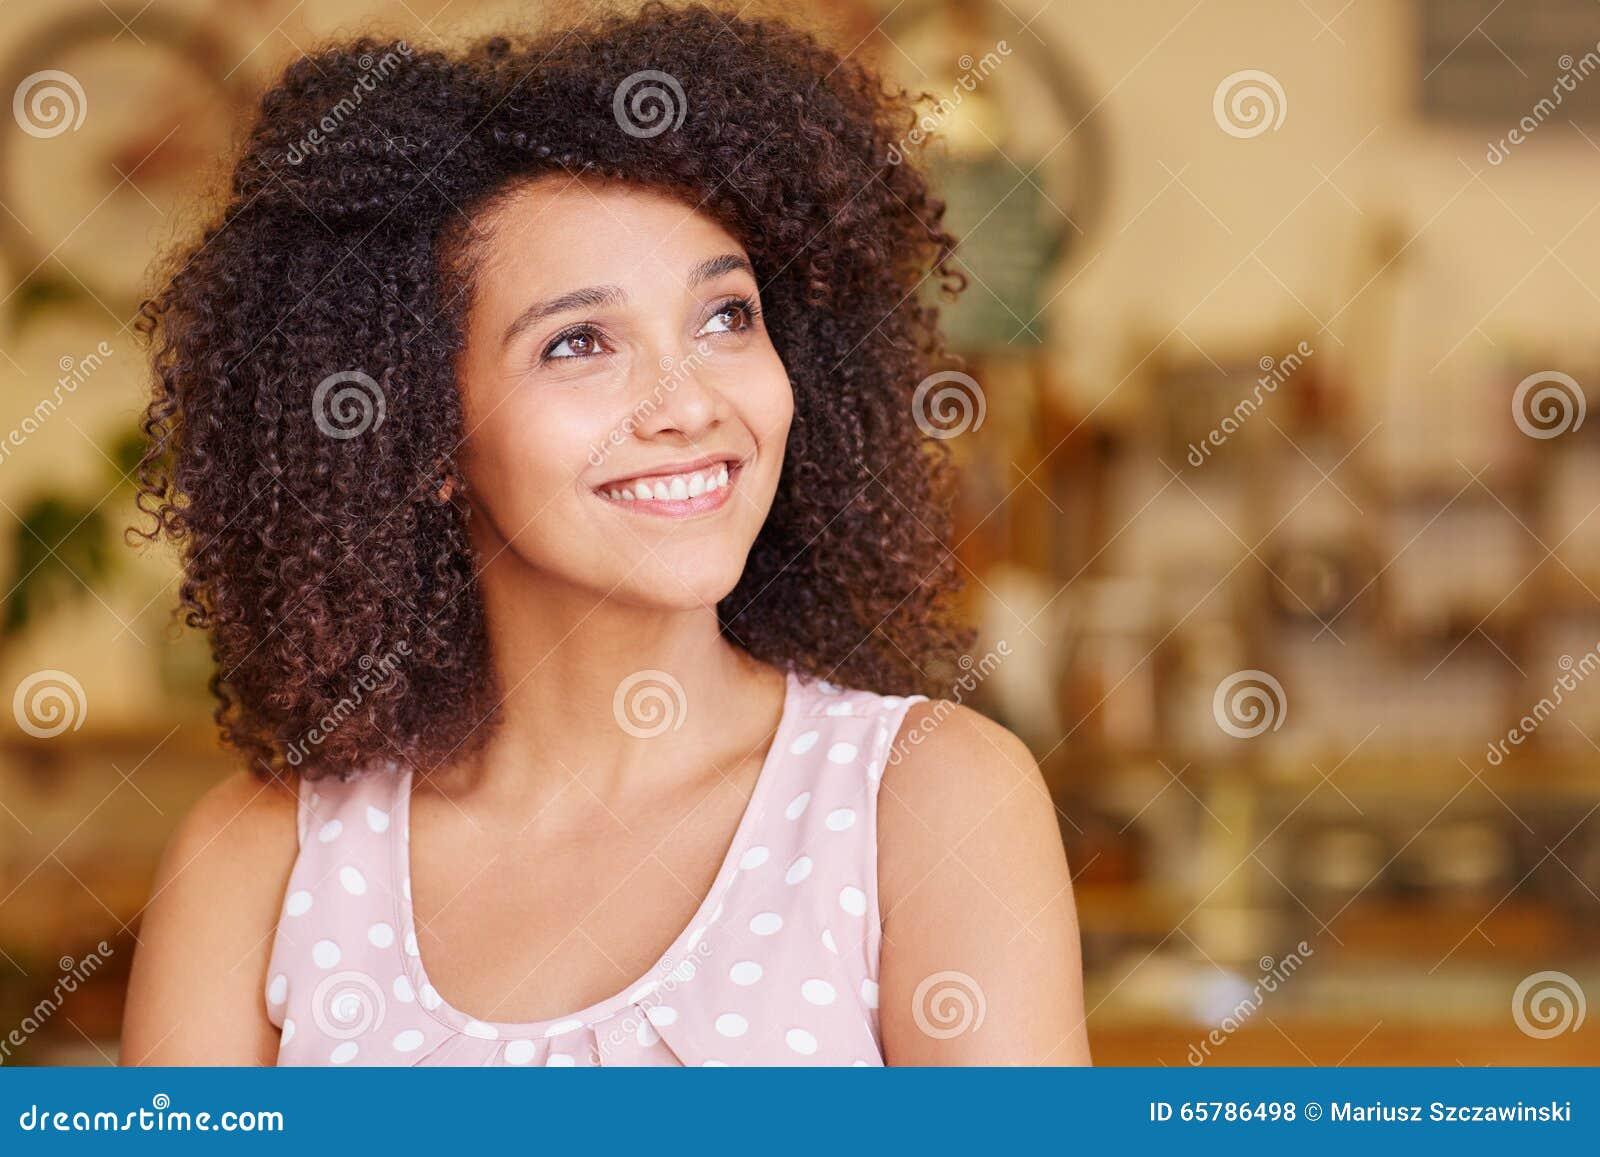 Donna Con I Capelli Scuri Ricci Di Afro Che Sorride Mentre ...